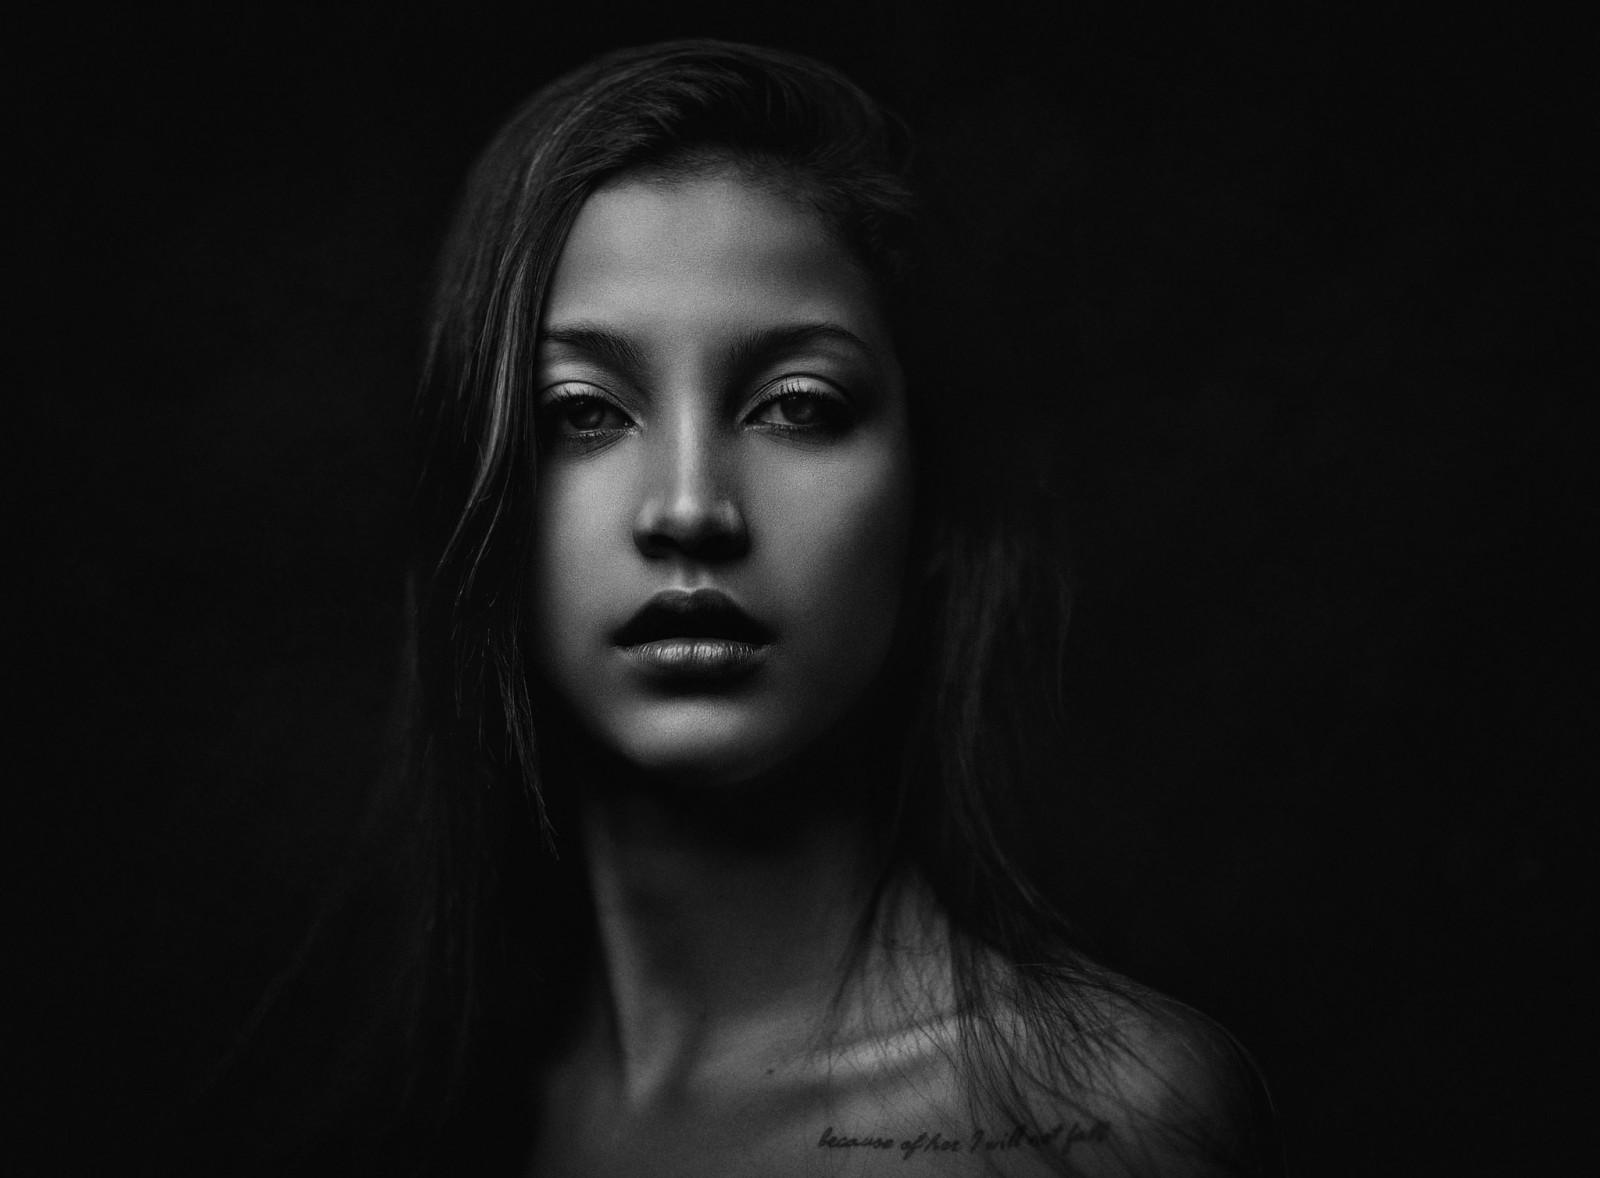 Fond d 39 cran visage femmes monochrome maquette fond for Fond ecran portrait